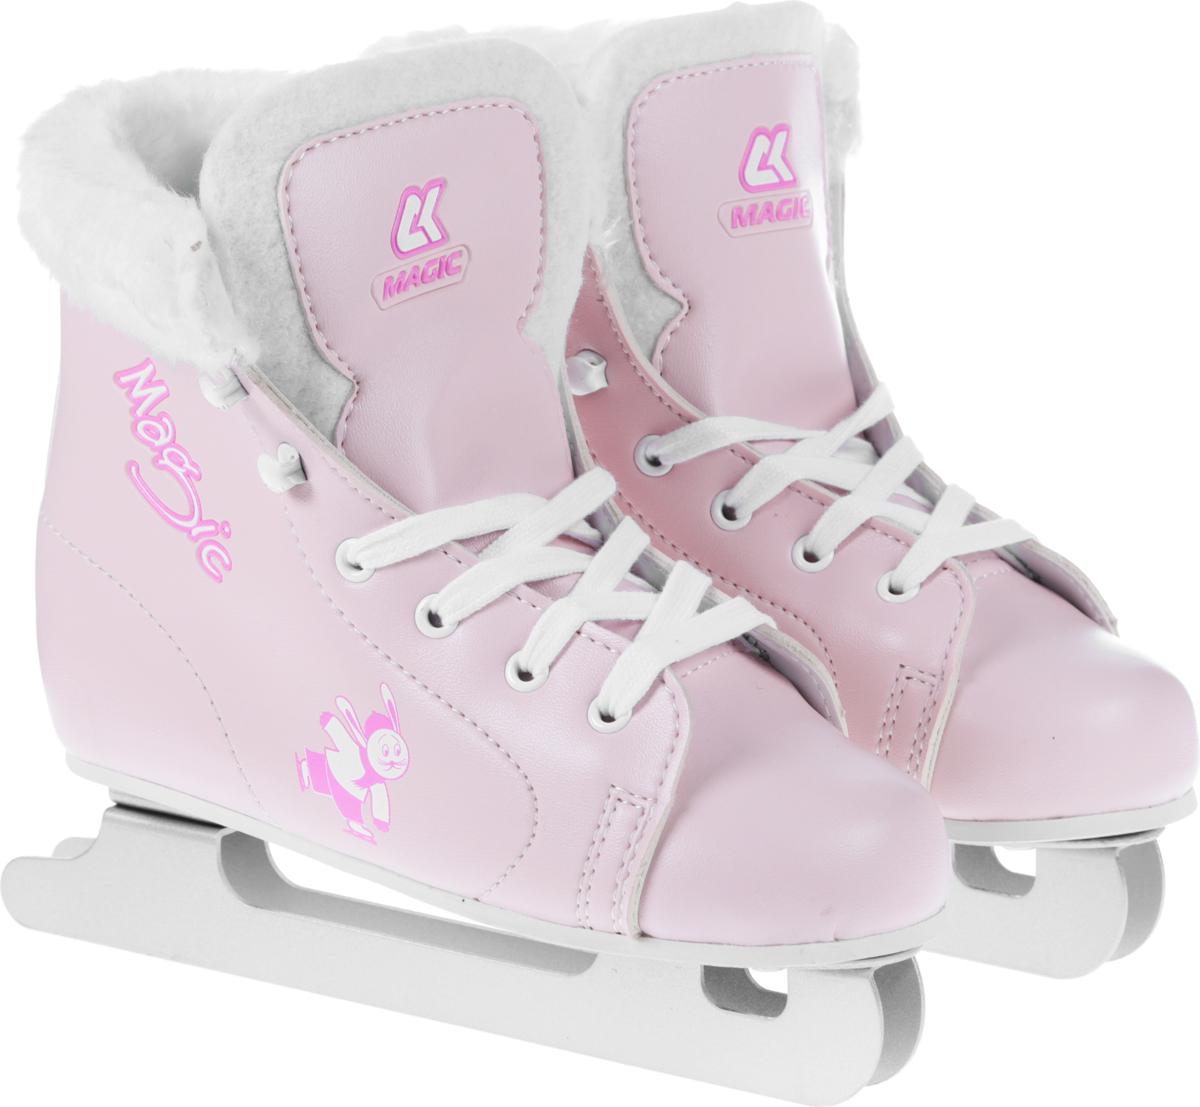 Коньки фигурные для девочки СК Magic, цвет: розовый. Размер 32MAGIC_розовый_32Коньки фигурные для девочки СК Magic предназначены для самых маленьких, только начинающих делать первые шаги на льду. Они не только надежны и комфортны в использовании, но и отличаются прекрасным дизайном.Ботинок очень удобен благодаря своей анатомической конструкции и увеличенной жесткости - его усиление надежно защищает голеностоп от повреждений и позволяет кататься увереннее. Внутренняя отделка выполнена из мягкого искусственного меха, который эффективно удерживает тепло, позволяя дольше оставаться на льду.Двойные лезвия, изготовленные из нержавеющей стали с твердостью 53HRC, позволяют ребенку держать равновесие во время катания и приобретать опыт перед началом катания на обычных однополозных коньках.Коньки имеют шнуровку, с помощью которой ножка ребенка будет крепко зафиксирована.